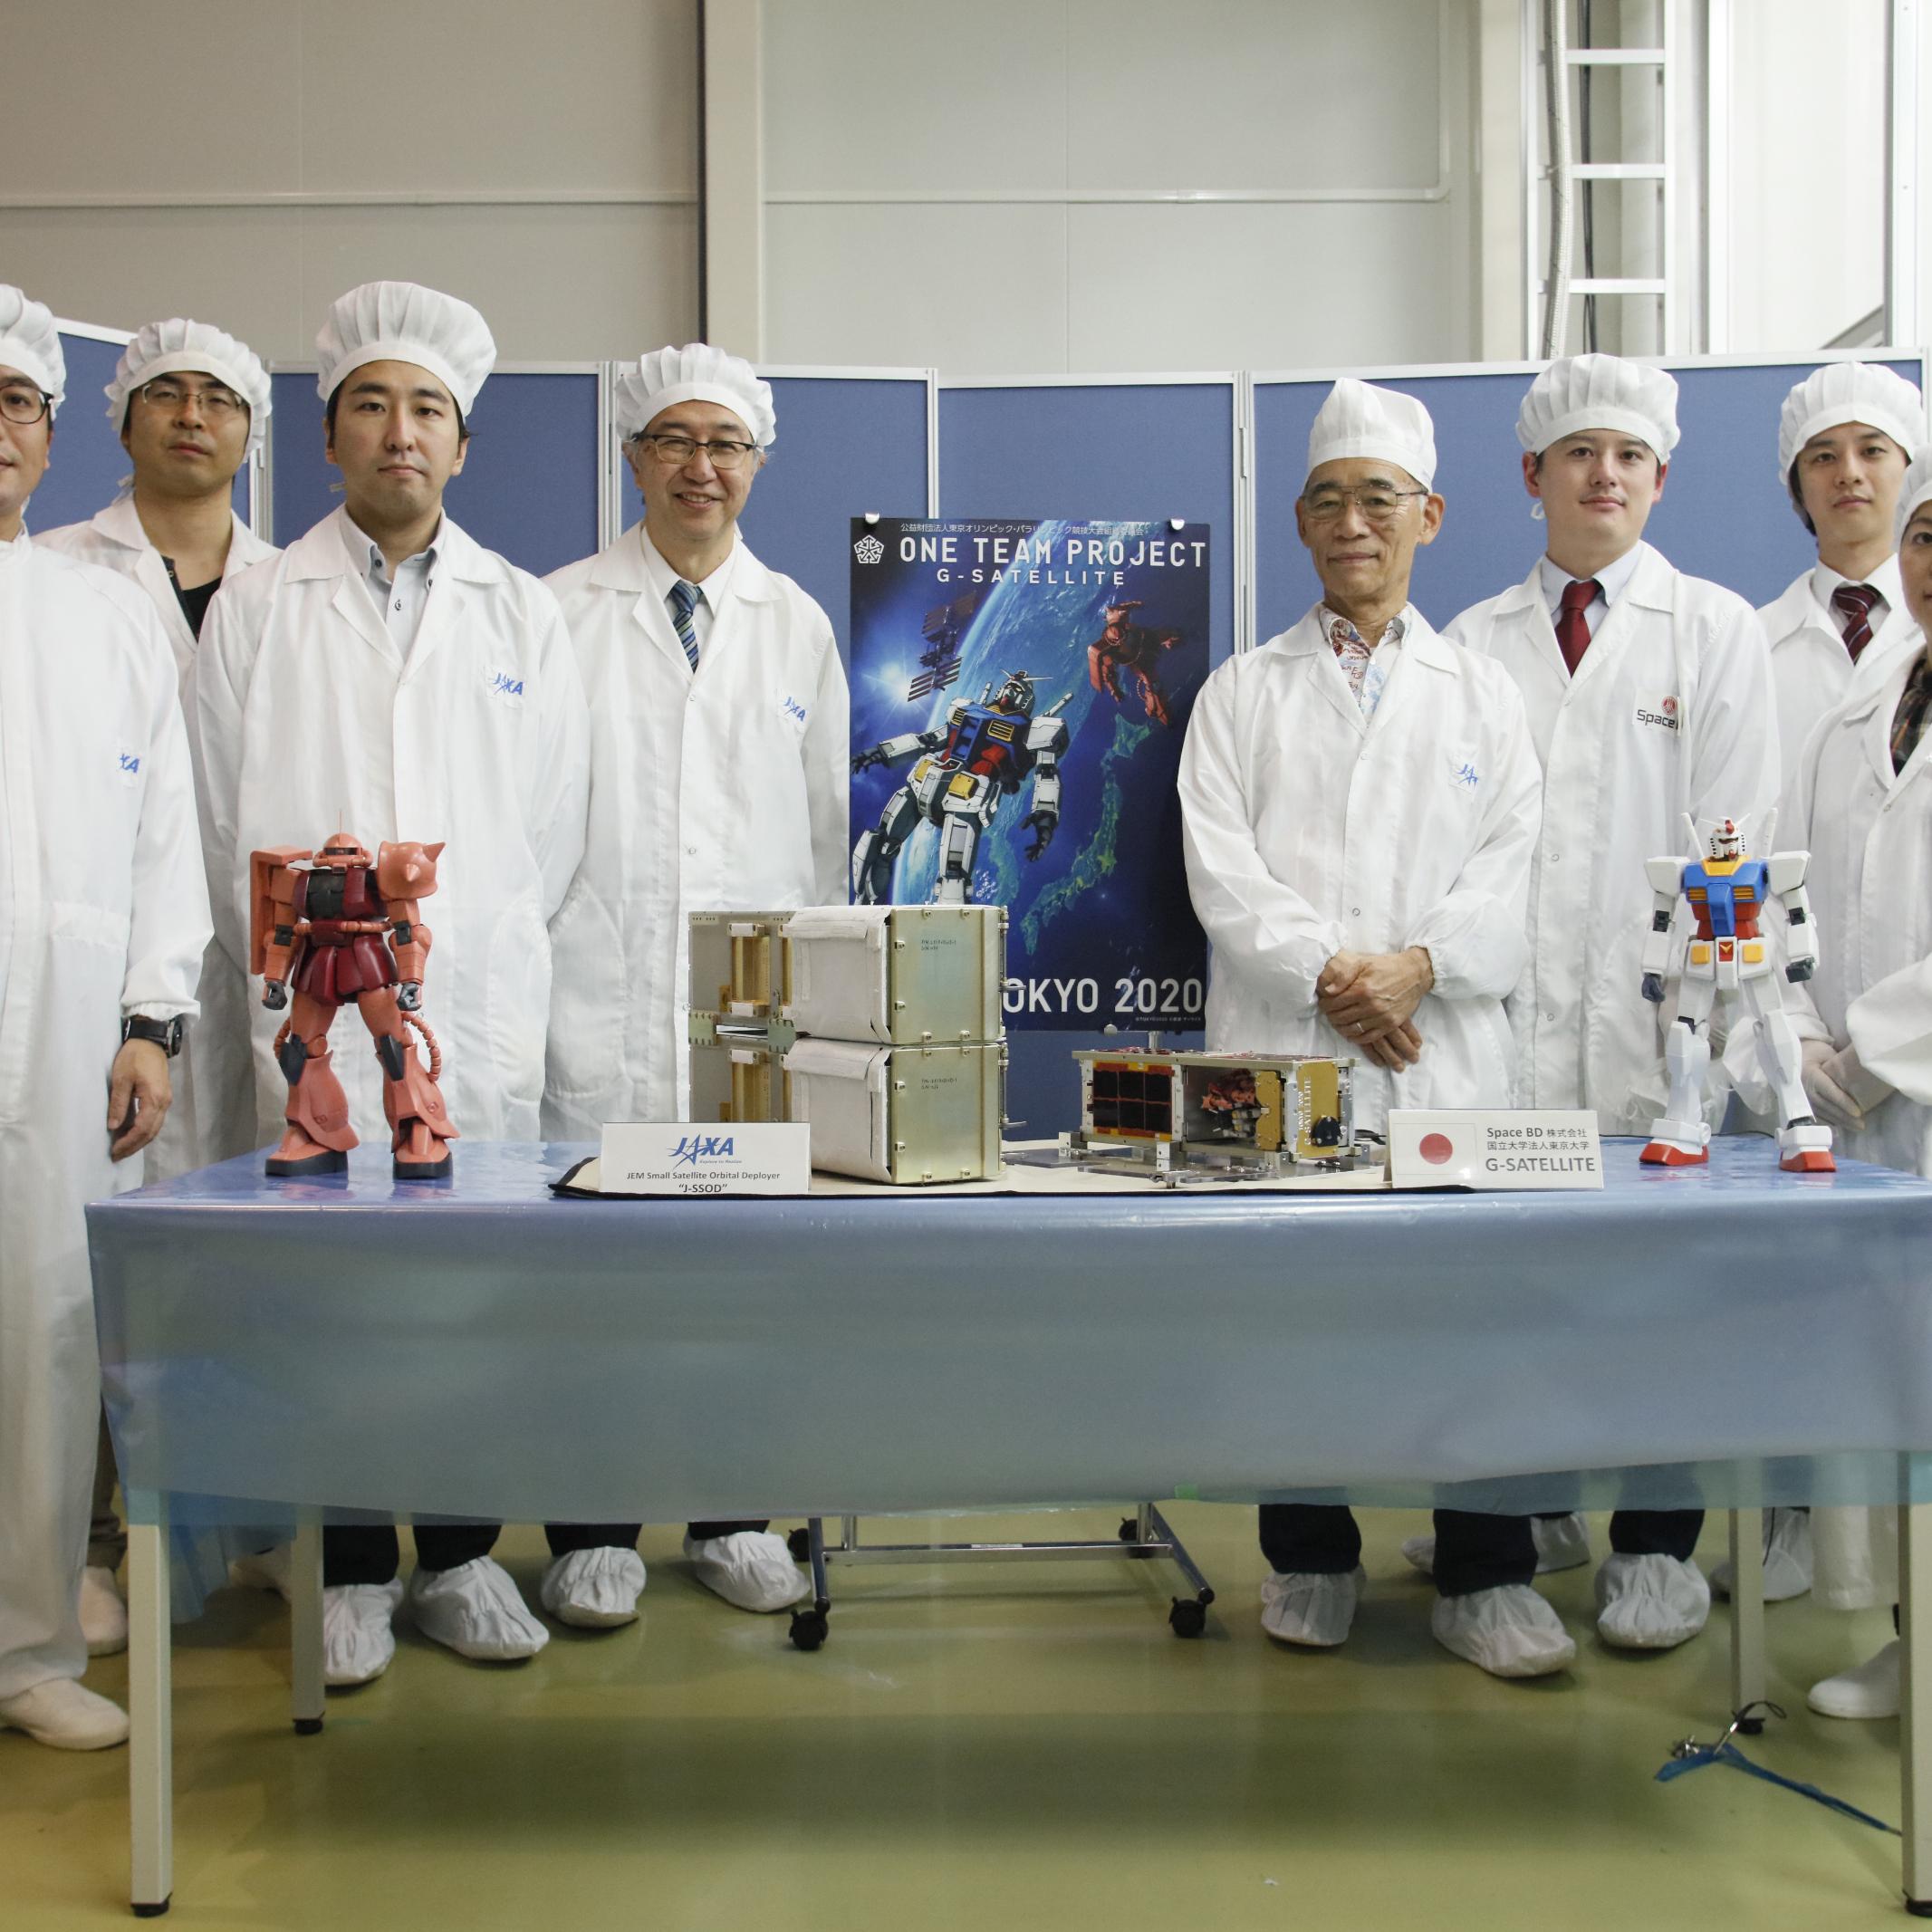 「きぼう」からの衛星放出事業の民間移管後初となる超小型衛星がJAXAに引き渡されました~いよいよ小型衛星放出事業が本格化します~